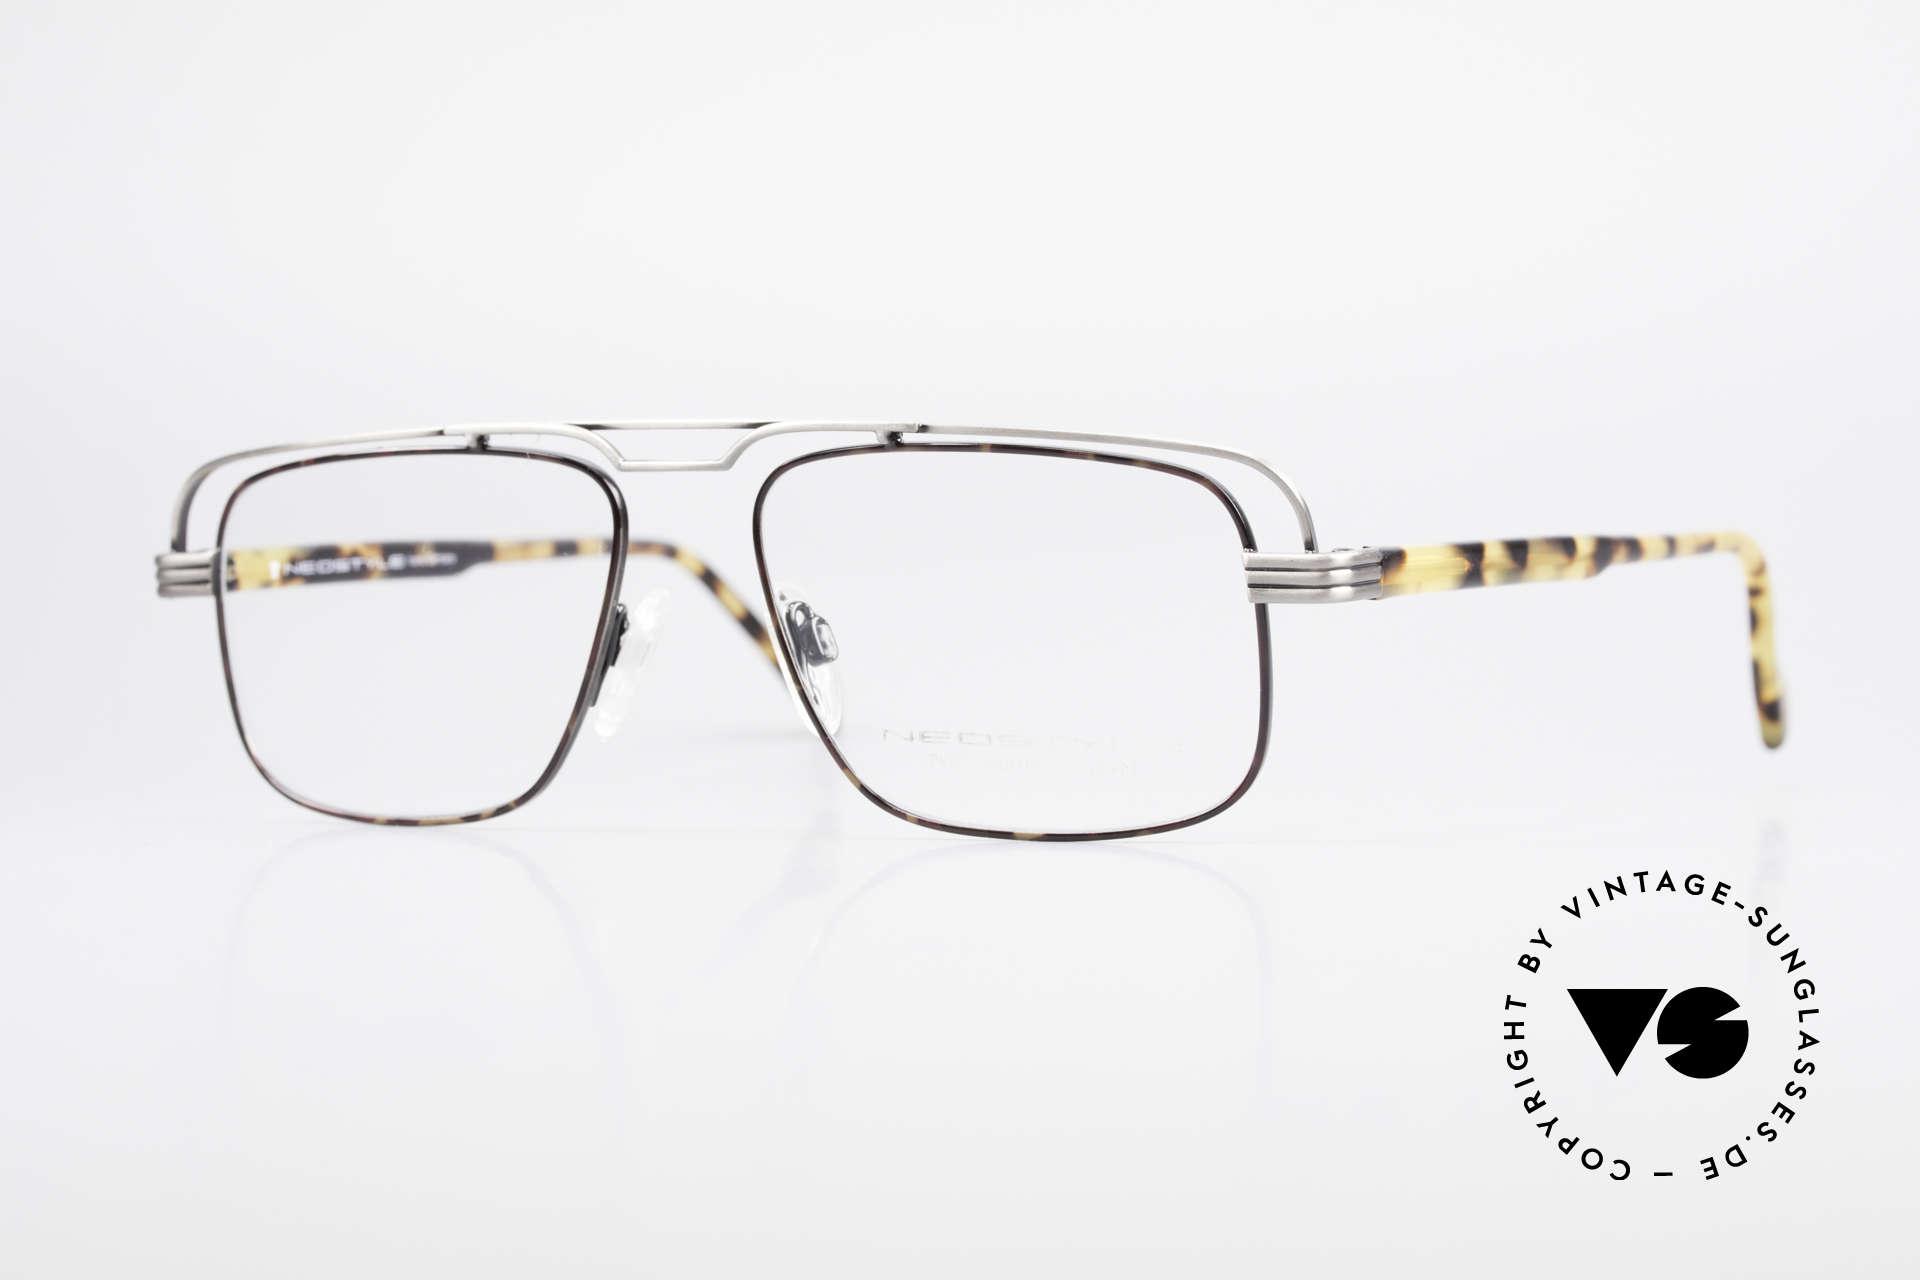 Neostyle Jet 230 80er Vintage No Retro Brille, sehr markante vintage Neostyle Brille aus den 80ern, Passend für Herren